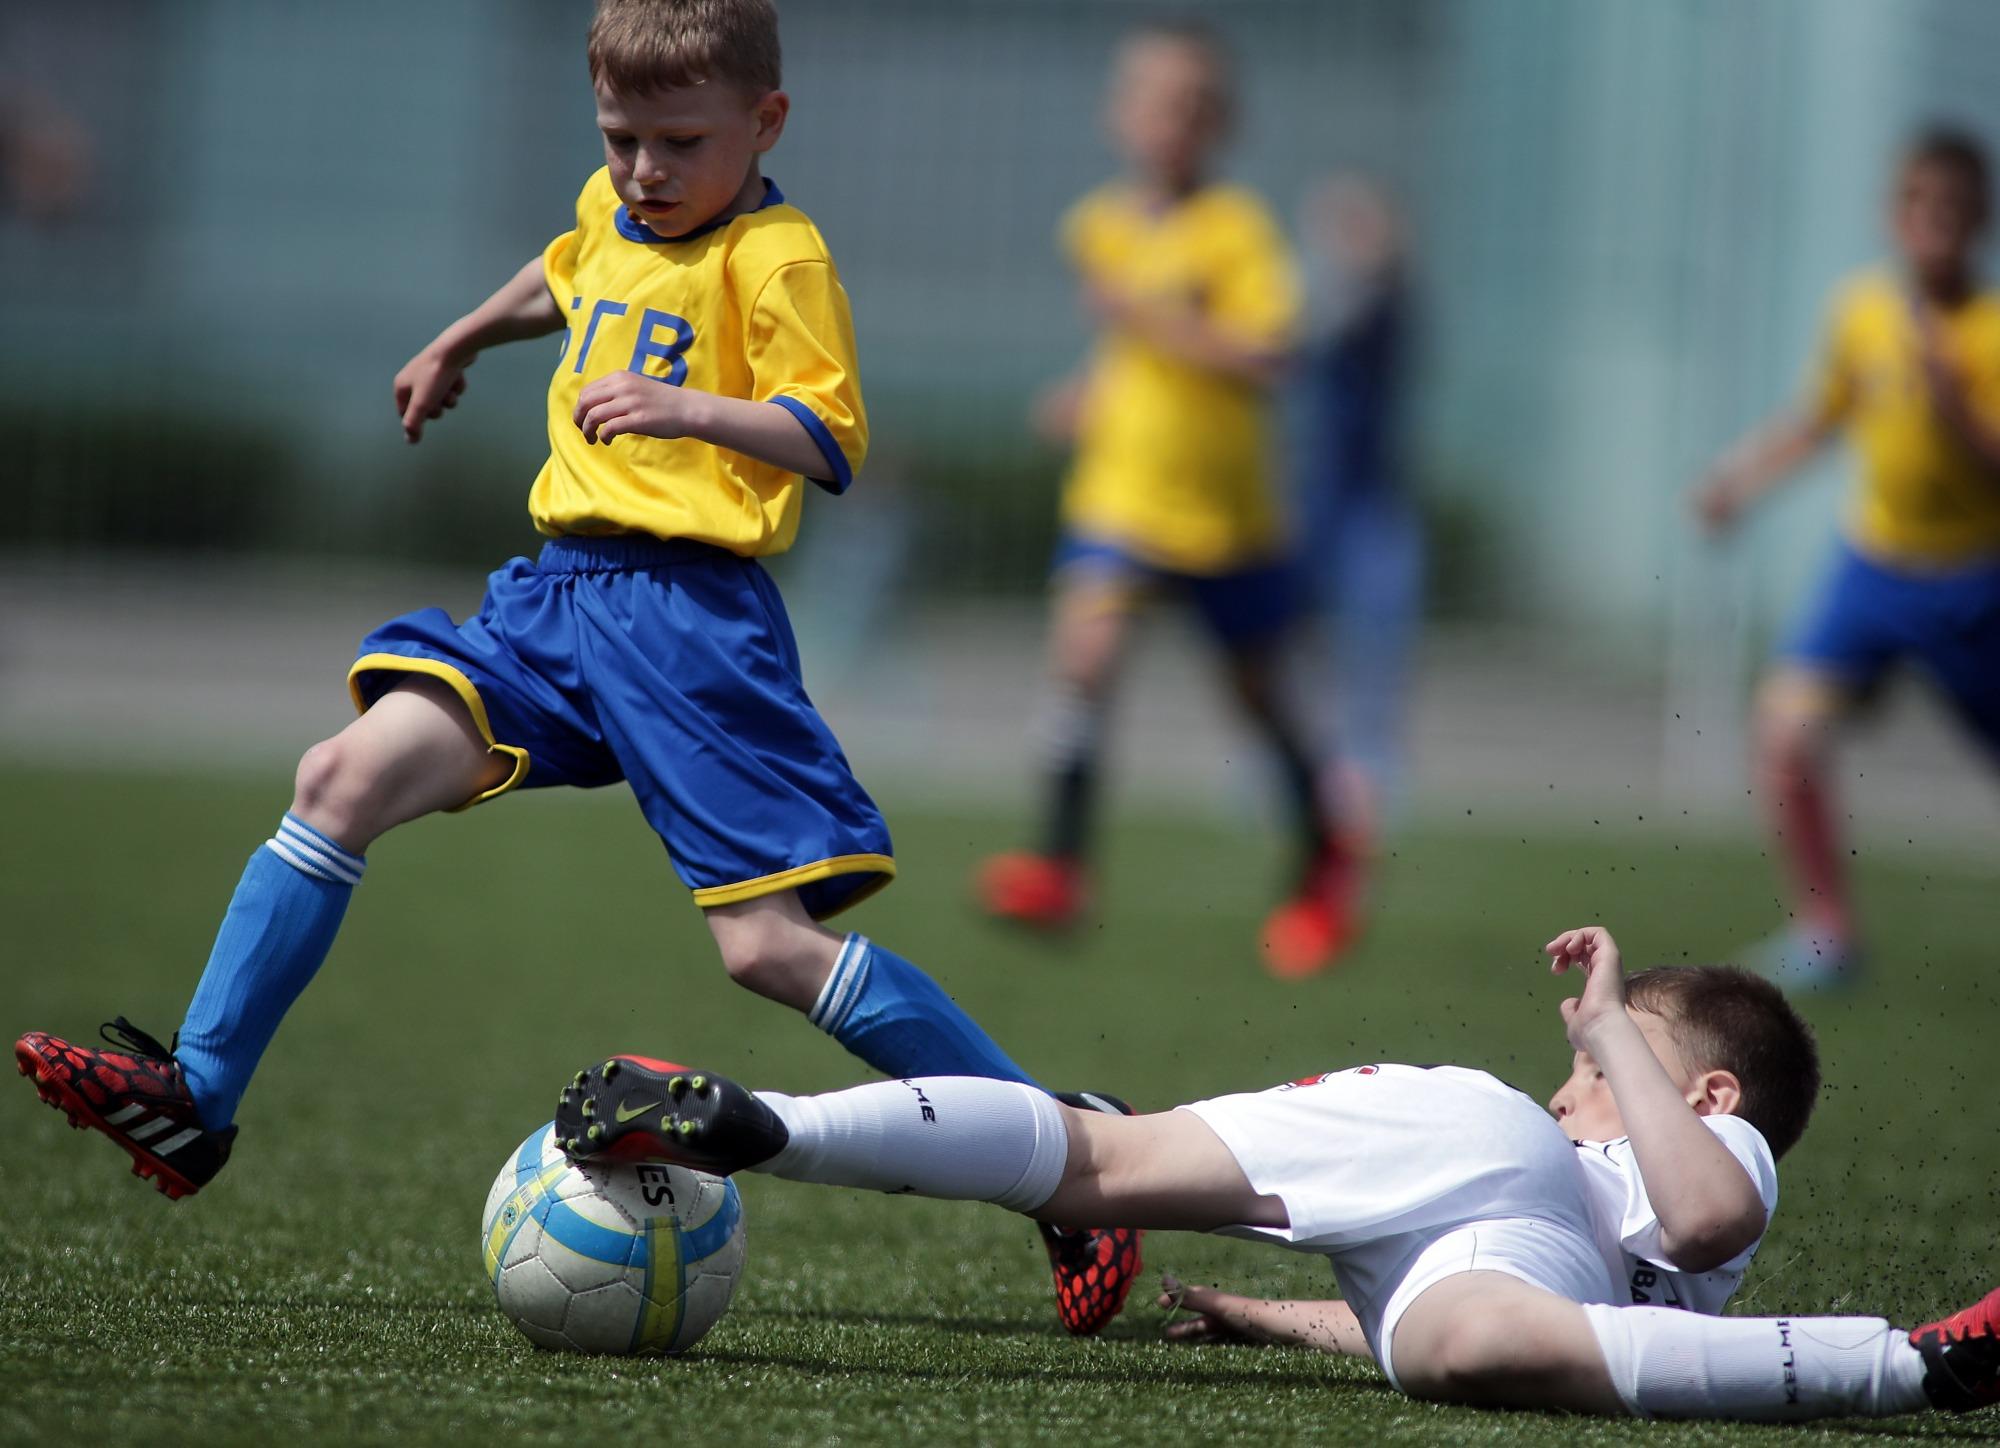 Борьба в детском футболе